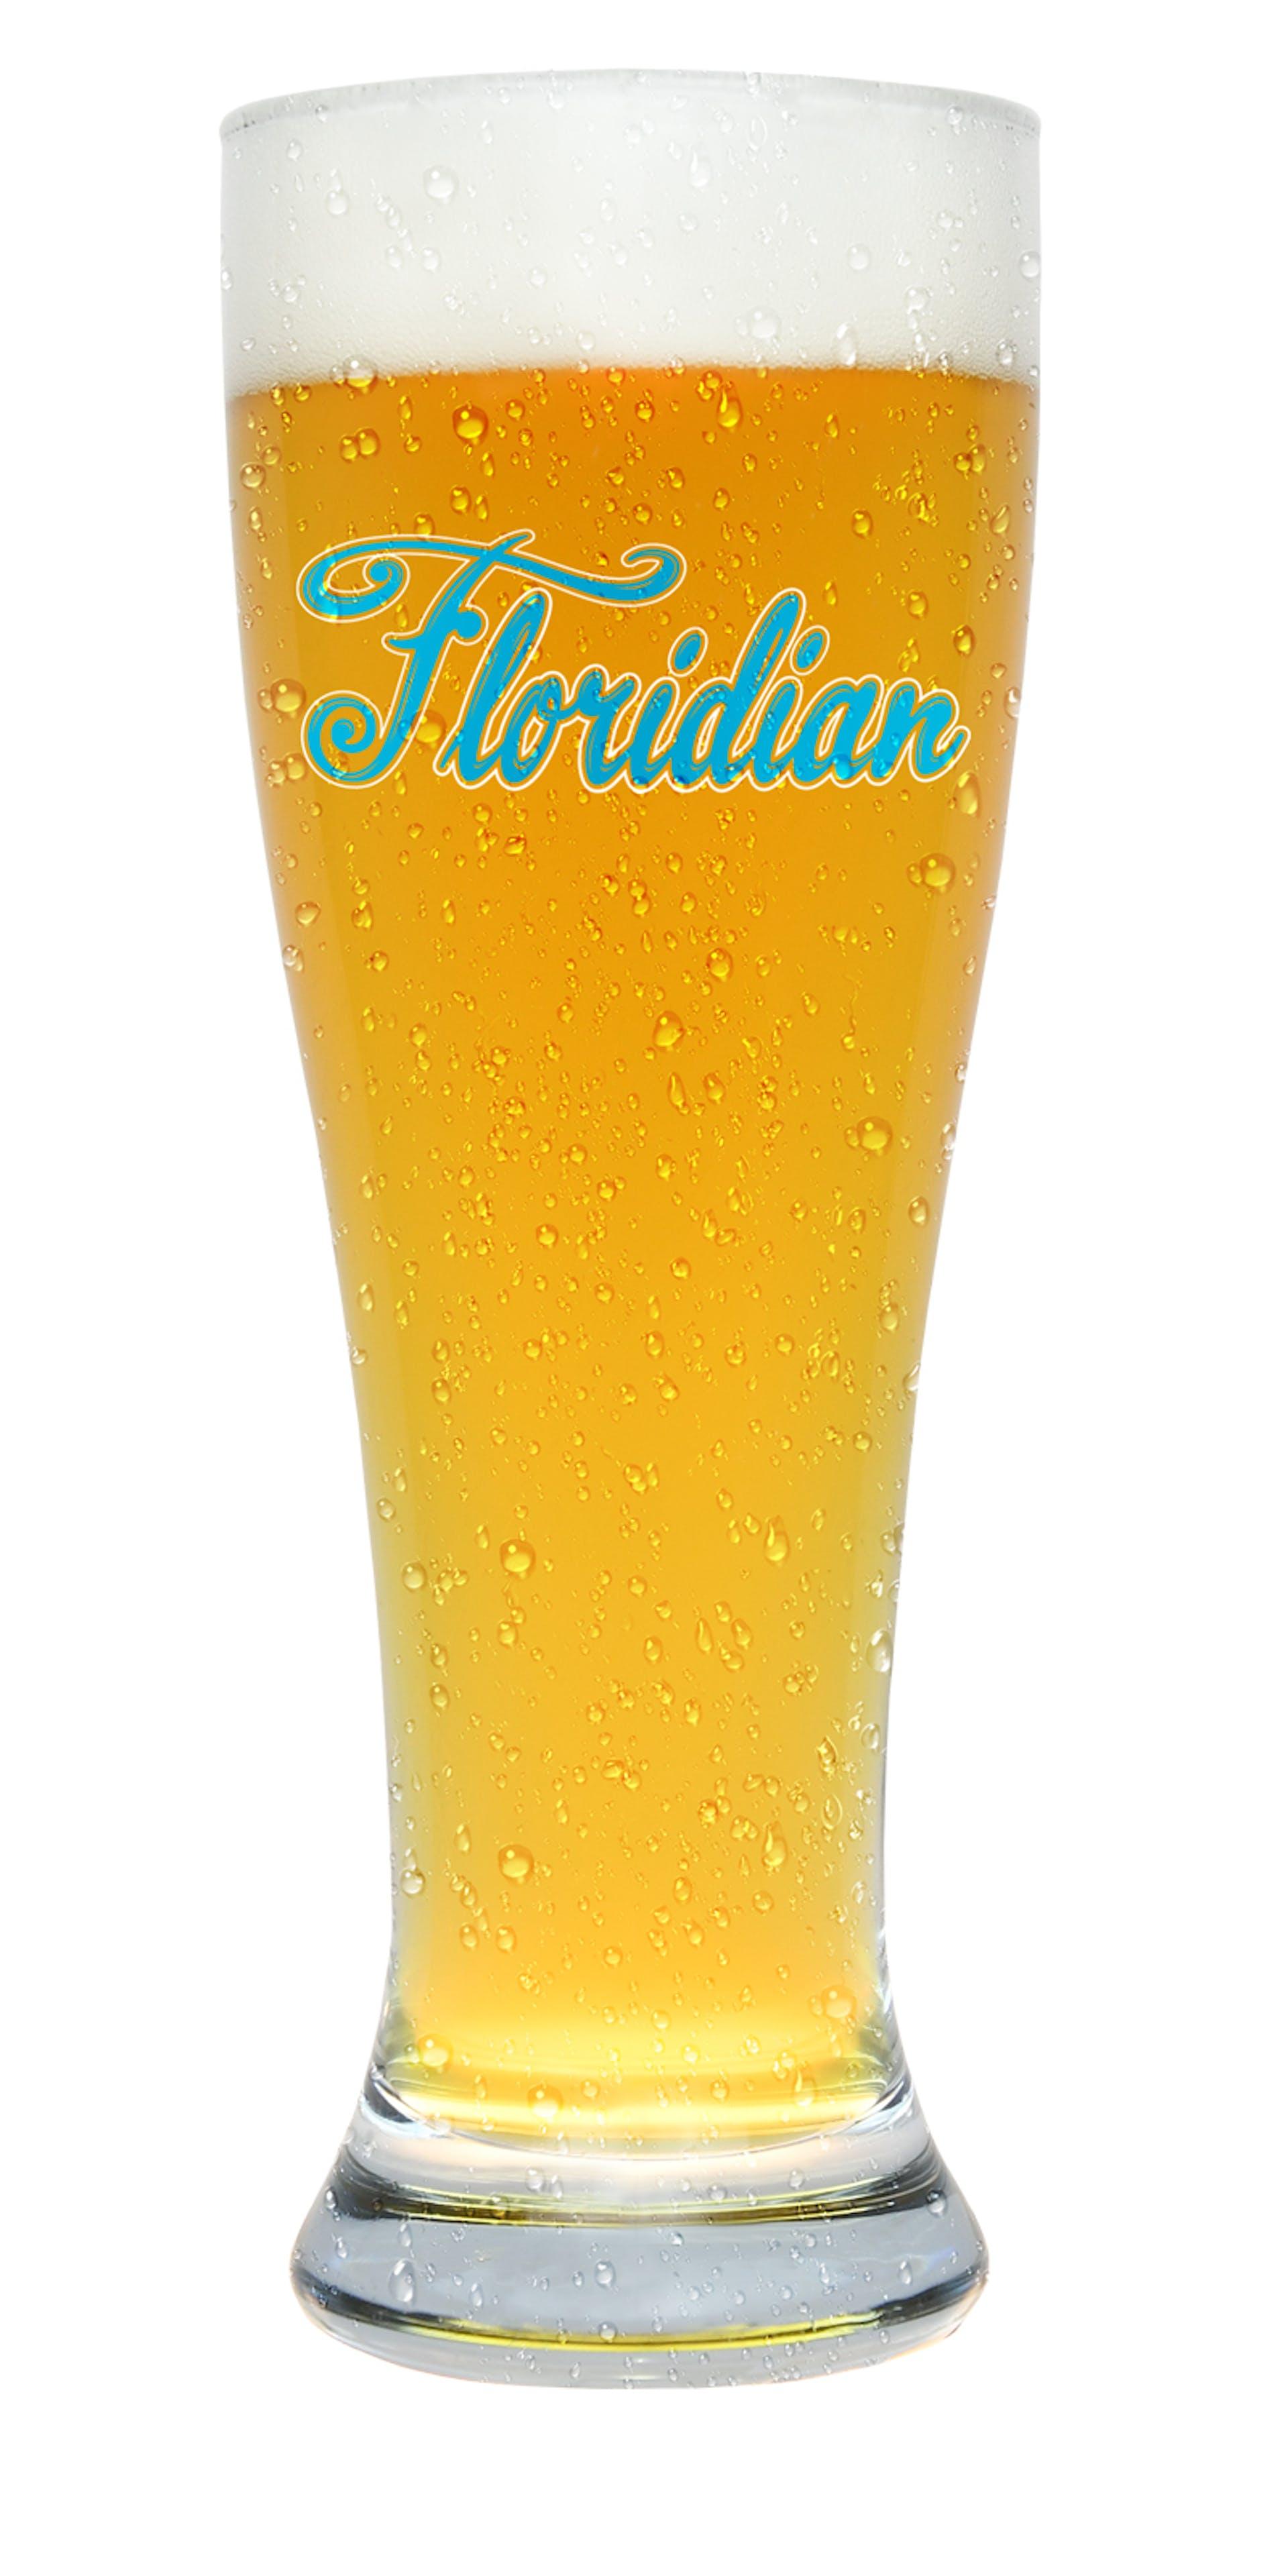 Florian Glass